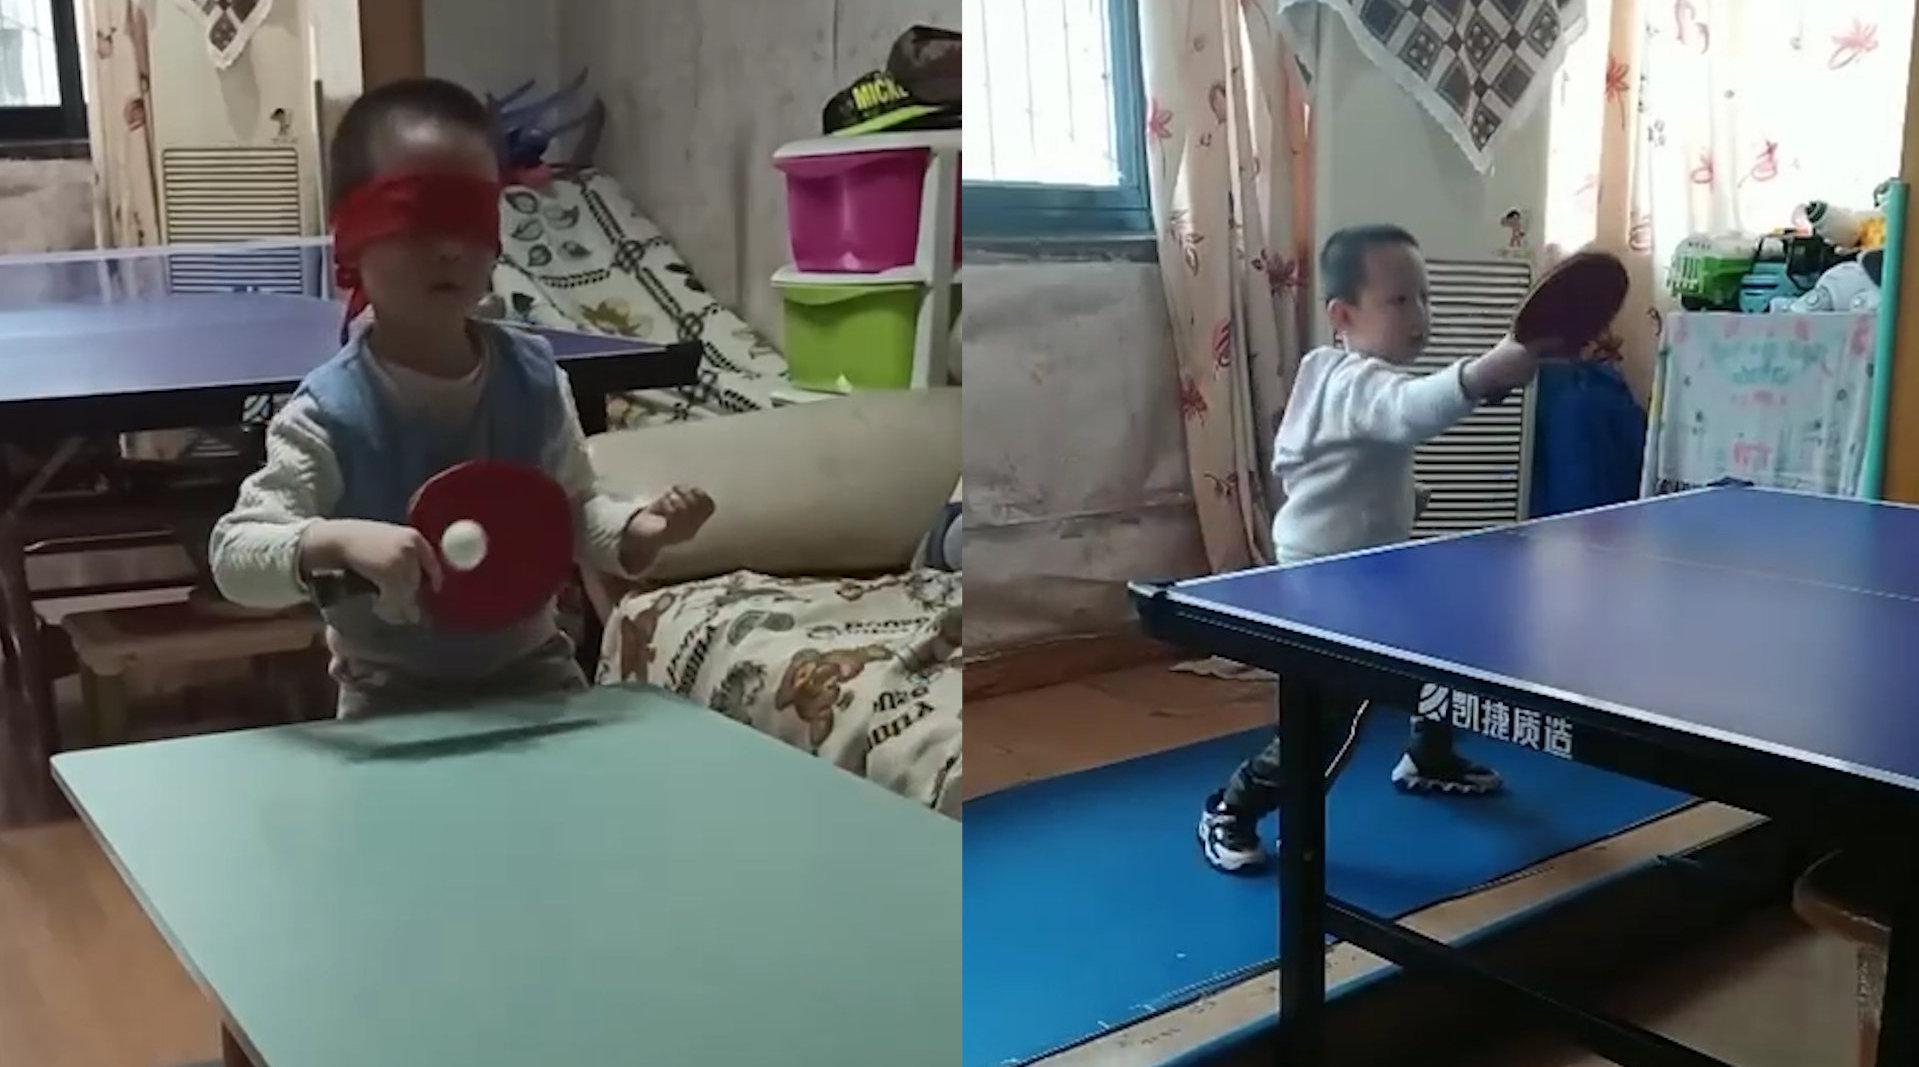 4岁萌娃蒙眼打乒乓球